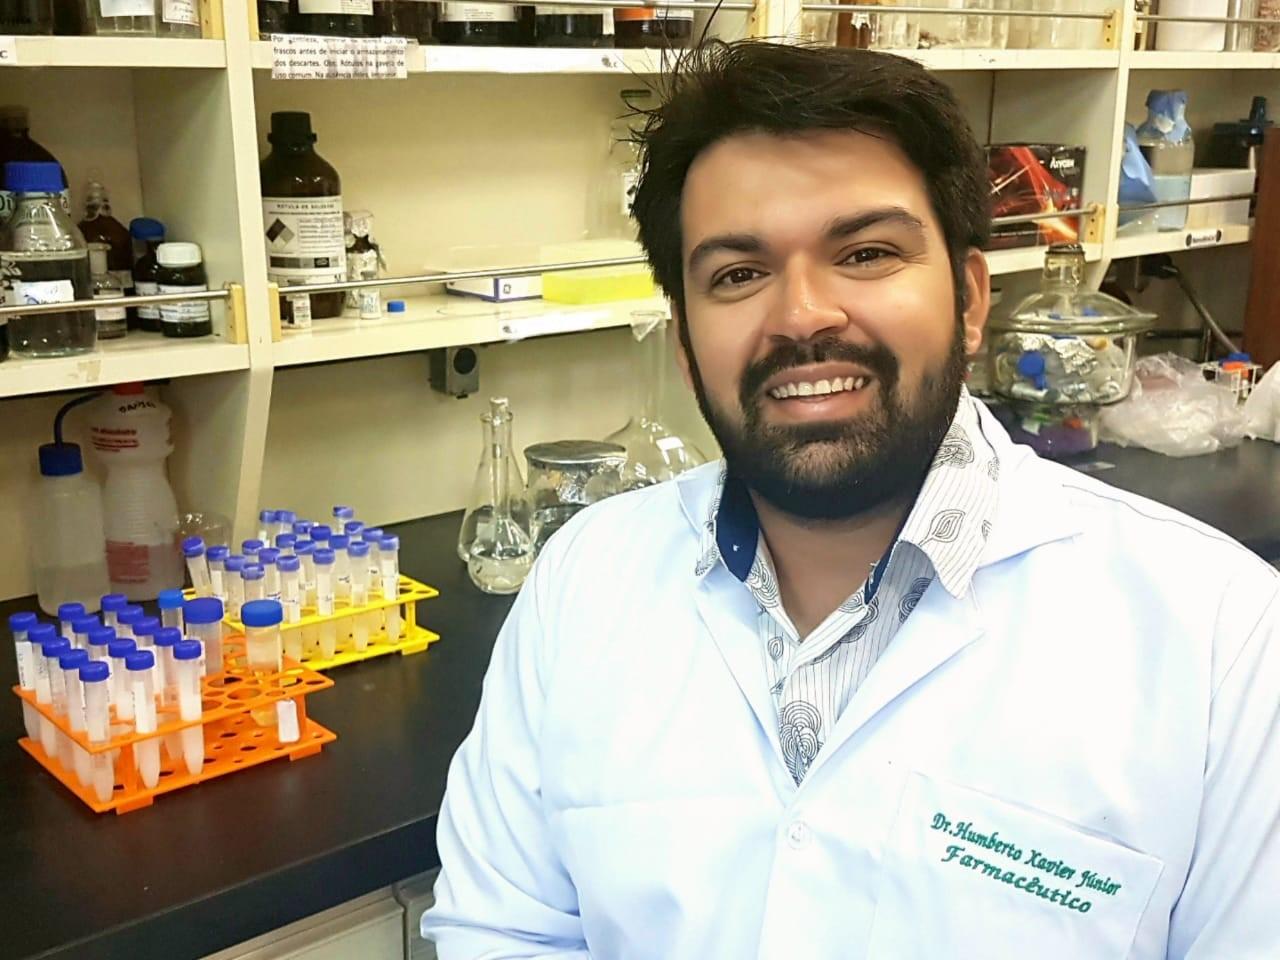 Cientistas do RN pesquisam alternativas terapêuticas para tratar o câncer por via oral